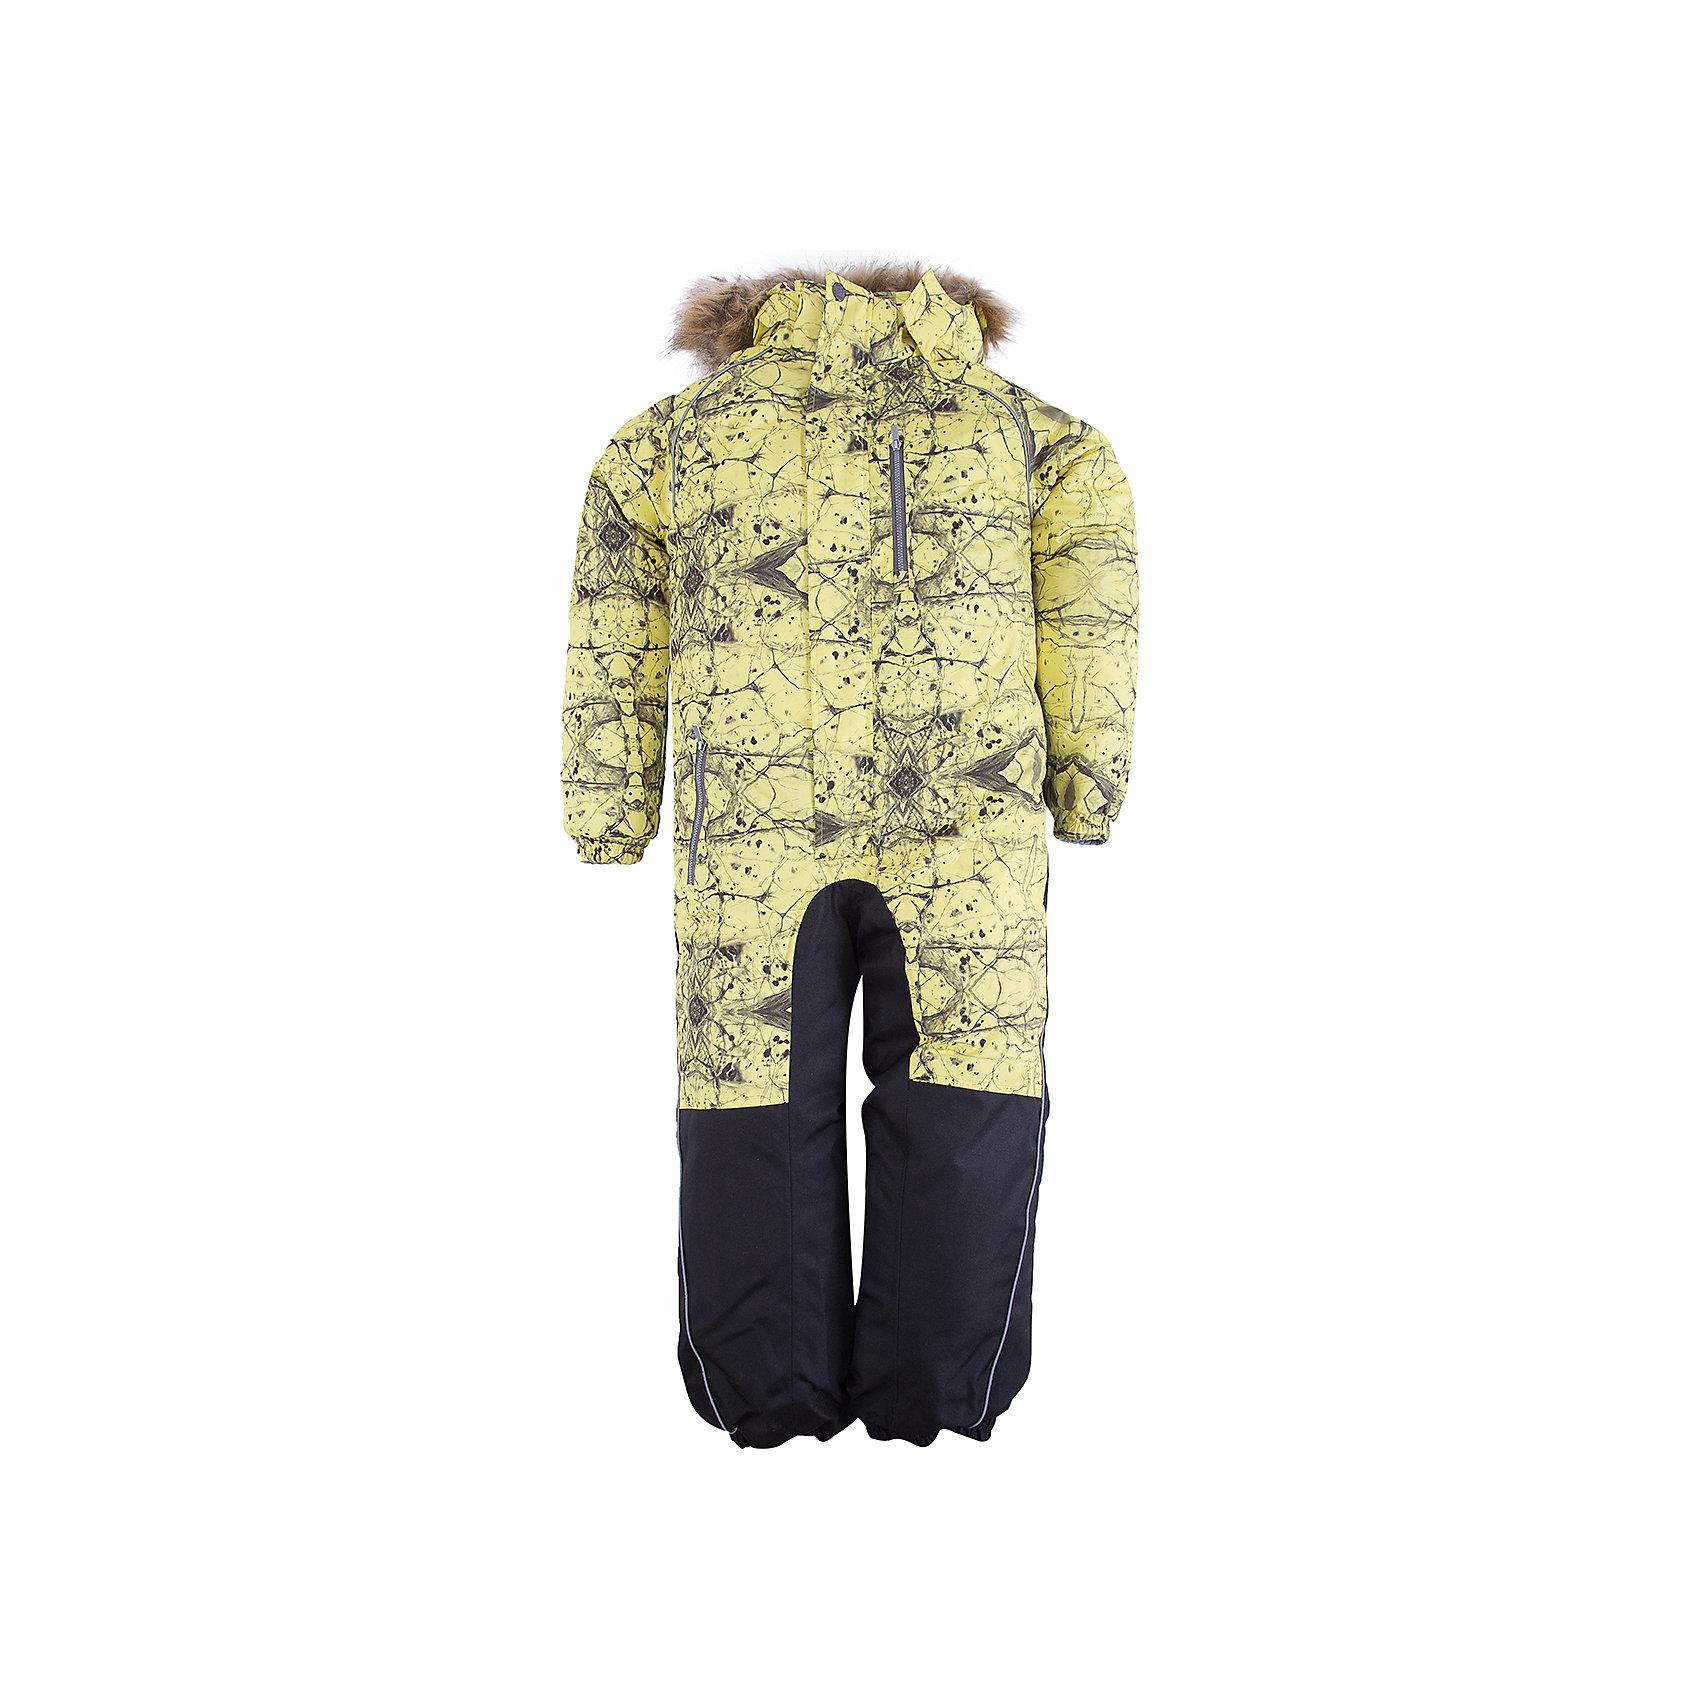 Комбинезон FENNO HuppaВерхняя одежда<br>Характеристики товара:<br><br>• модель: Fenno;<br>• цвет: желтый принт;<br>• пол: мальчик ;<br>• состав: 100% полиэстер;<br>• утеплитель: полиэстер, 300 гр.;<br>• подкладка: тафта/флис;<br>• сезон: зима;<br>• температурный режим: от -5 до - 30С;<br>• водонепроницаемость: 10000 мм  ;<br>• воздухопроницаемость: 10000 г/м2/24ч;<br>• водо- и ветронепроницаемый, дышащий и грязеотталкивающий материал;<br>• особенности модели: c рисунком, с мехом;<br>• капюшон для большего удобства крепится на кнопки и, при необходимости, отстегивается;<br>• искусственный мех на капюшоне съемный ;<br>• cидельный шов, внутренние и боковые швы проклеены и не пропускают влагу;<br>•  cиденье и нижний край брючины выполнены из очень прочной ткани Cordura;<br>• светоотражающих элементов для безопасности в темное время суток ;<br>• внутренний и боковые карманы застегиваются на молнию;<br>• манжеты брюк и рукавов  на резинках;<br>• съемные силиконовые штрипки;<br>• внутренняя регулировка обхвата талии;<br>• страна бренда: Финляндия;<br>• страна изготовитель: Эстония.<br><br>Комбинезон Fenno для мальчика Водо и воздухонепроницаемый. Важный критерий при выборе комбинезона для малыша - это количество утеплителя, ведь малыши еще малоподвижны, поэтому комбинезон должен быть теплым. В модели Fenno  300 грамм утеплителя, которые обеспечат тепло и комфорт ребенку при температуре от -5 до -30 градусов. Подкладка — тафта/флис. <br><br>Функциональные элемент: капюшон отстегивается с помощью кнопок, мех отстегивается, все карманы на молнии, манжеты на резинке,съемные силиконовые штрипки, внутренняя регулировка обхвата талии, светоотражающие элементы.<br><br>Комбинезон Fenno для мальчика  Huppa (Хуппа) можно купить в нашем интернет-магазине.<br><br>Ширина мм: 356<br>Глубина мм: 10<br>Высота мм: 245<br>Вес г: 519<br>Цвет: желтый<br>Возраст от месяцев: 96<br>Возраст до месяцев: 108<br>Пол: Унисекс<br>Возраст: Детский<br>Размер: 134,92,98,104,110,116,122,128<br>SKU: 7024580